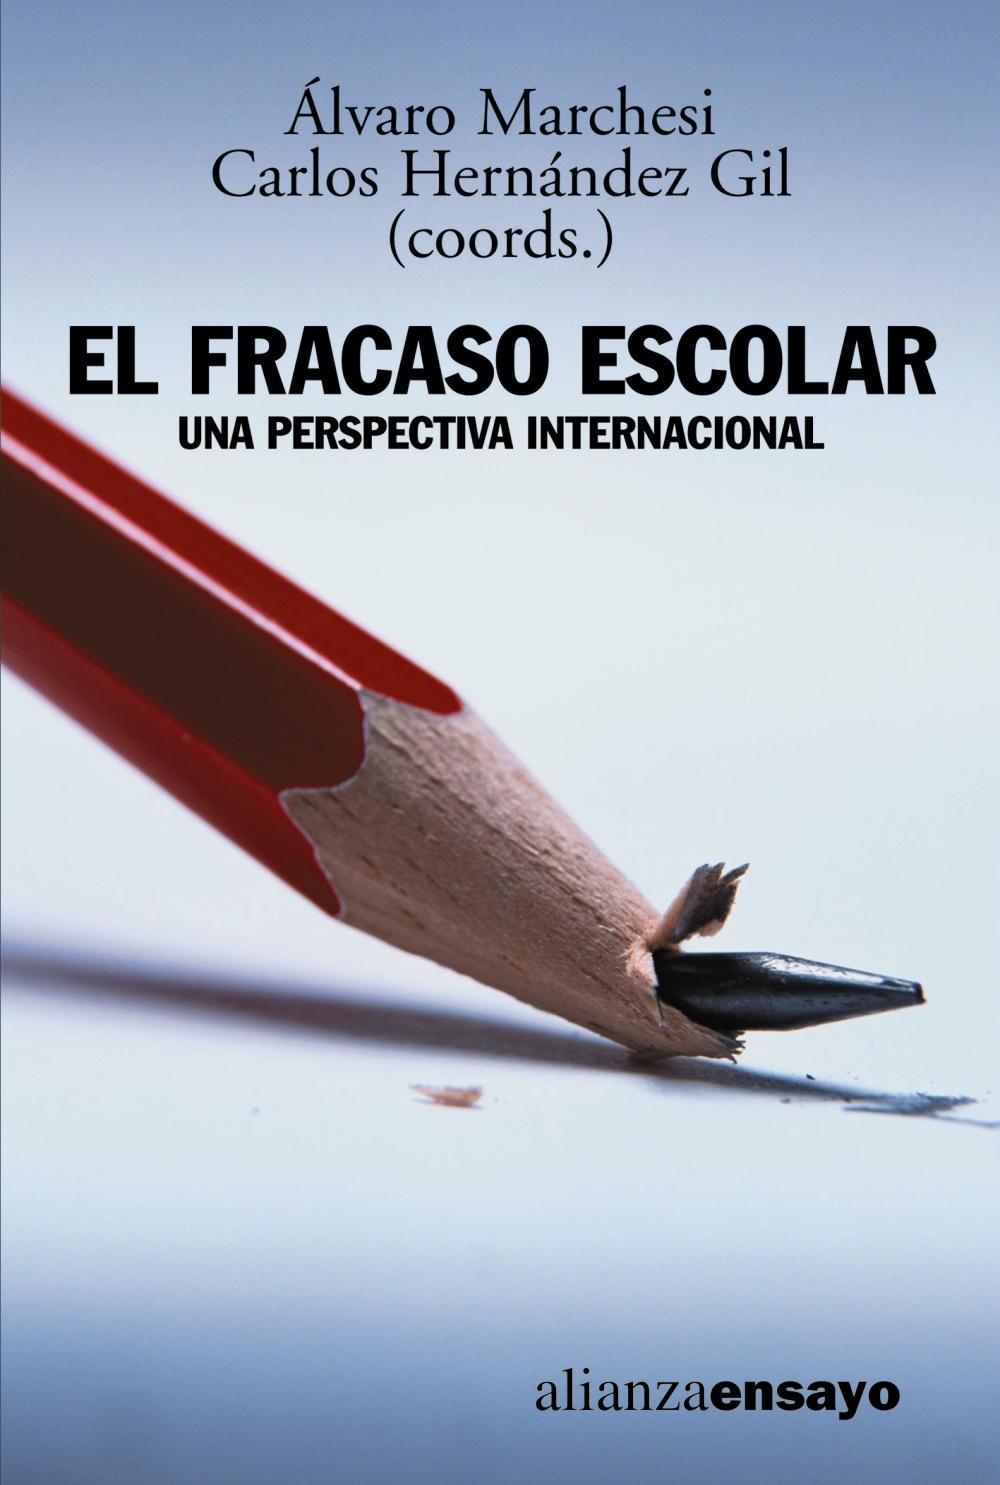 el fracaso escolar: una perspectiva internacional-9788420629551